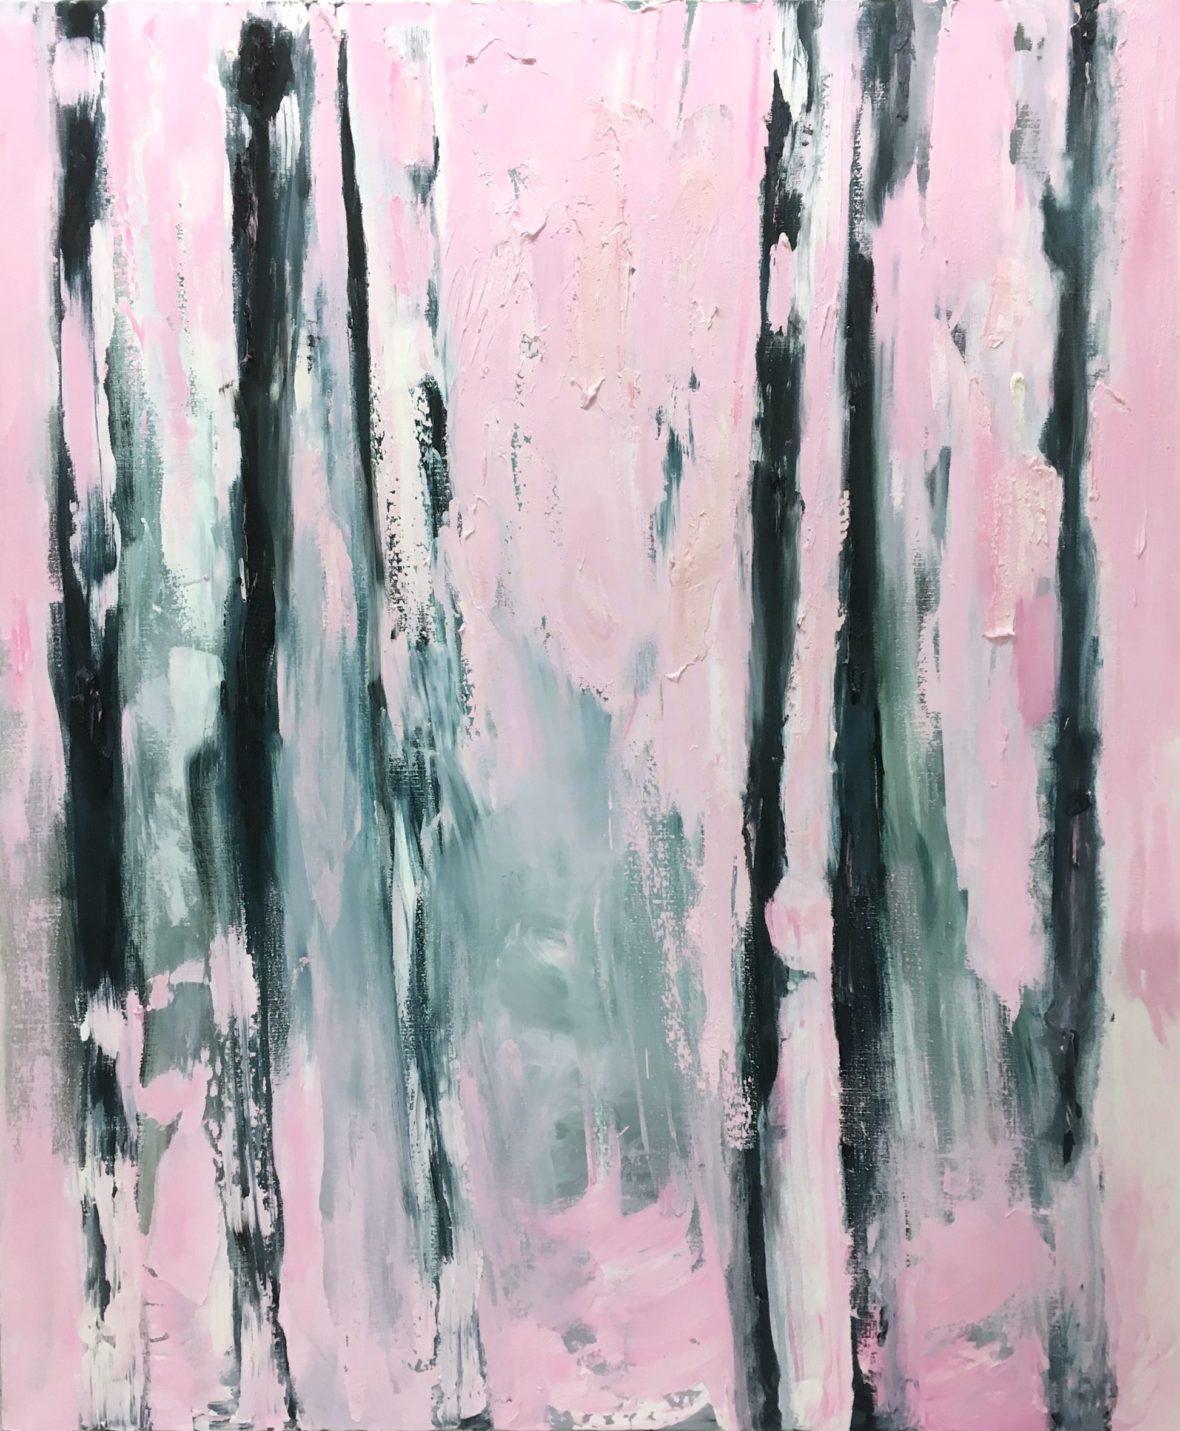 Vaaleanpunainen koivu – Sarjasta Abstraktimpi (Pink Birch Series: More Abstract)